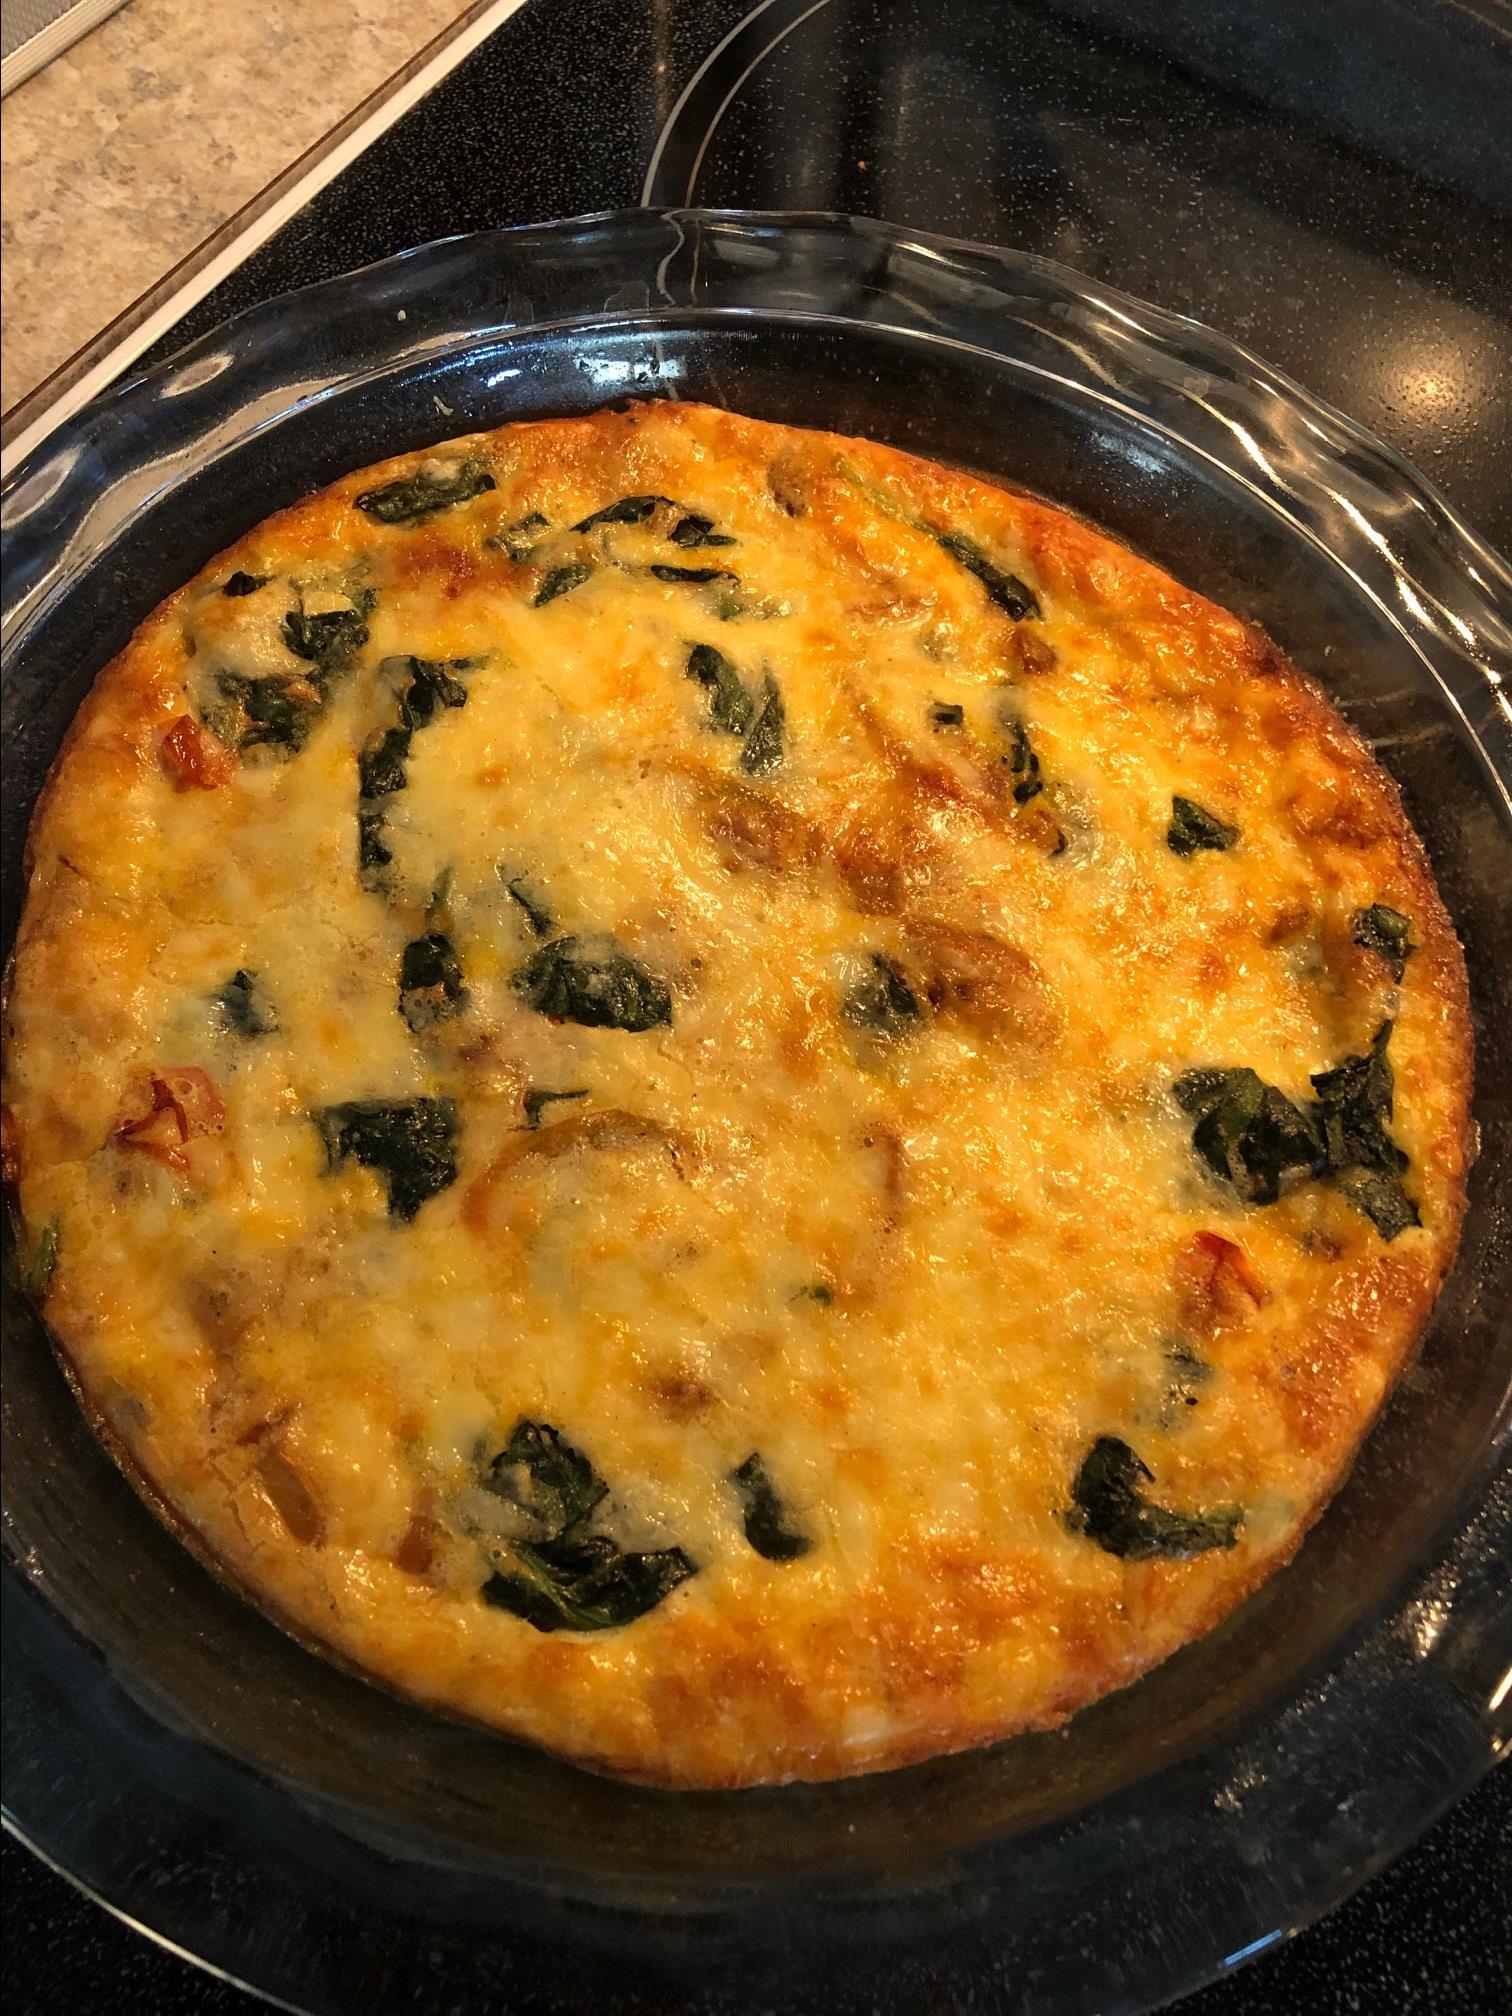 Crustless Spinach, Mushroom, and Tomato Quiche (Keto)